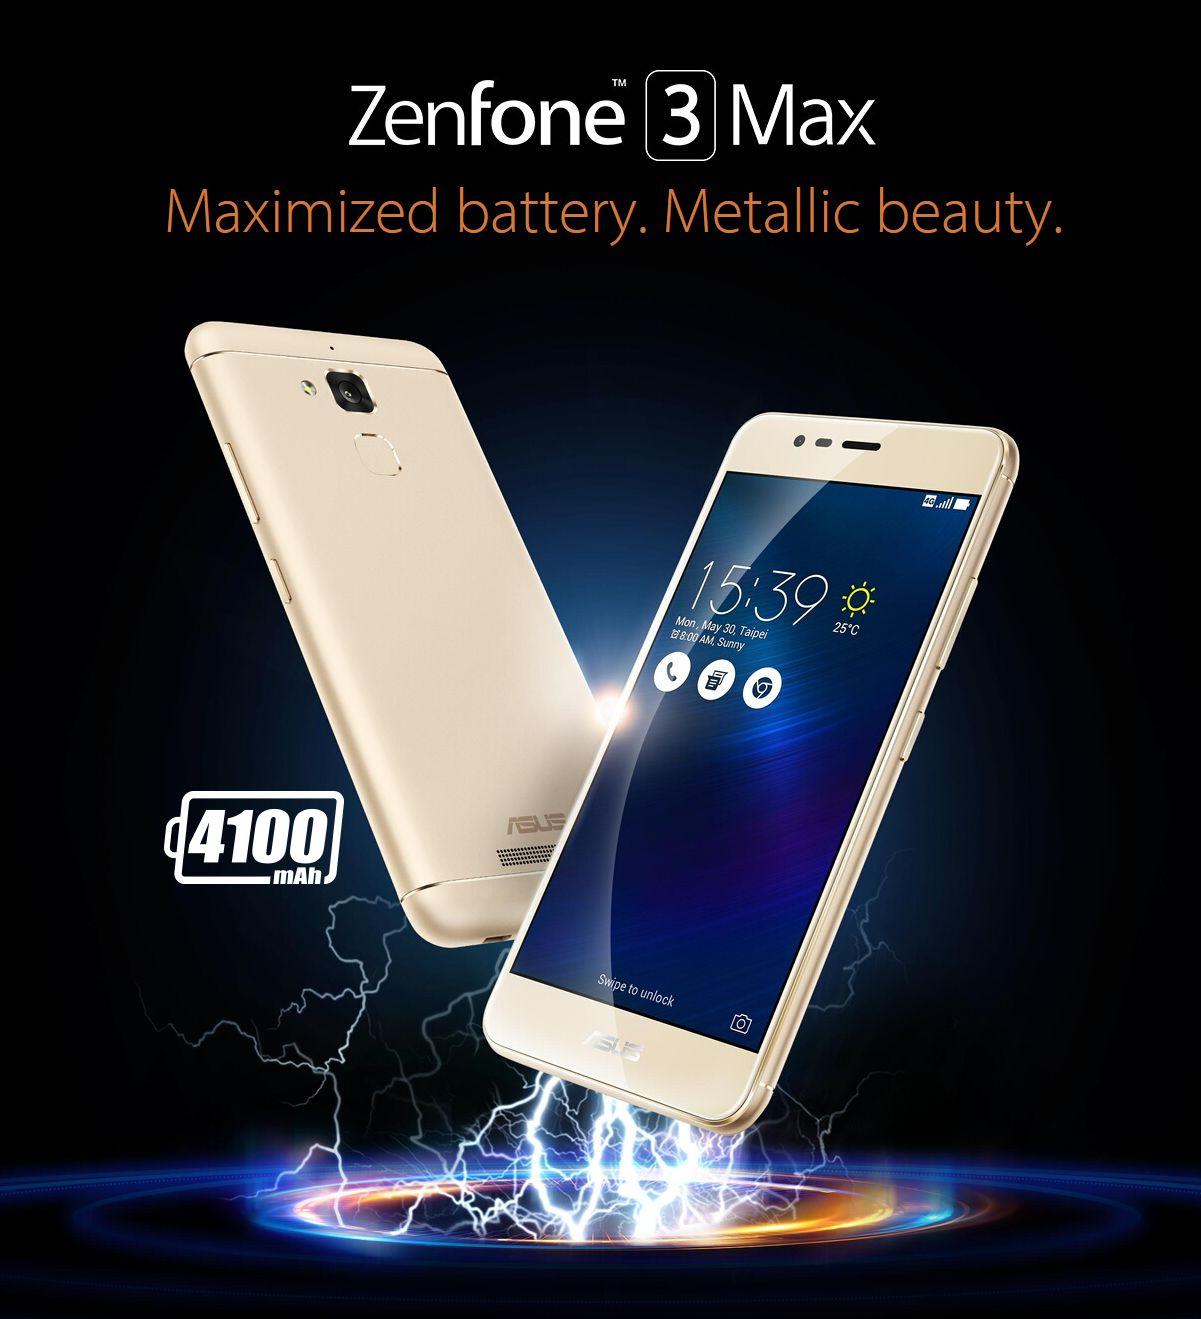 zenfone-3-max-zc520tl